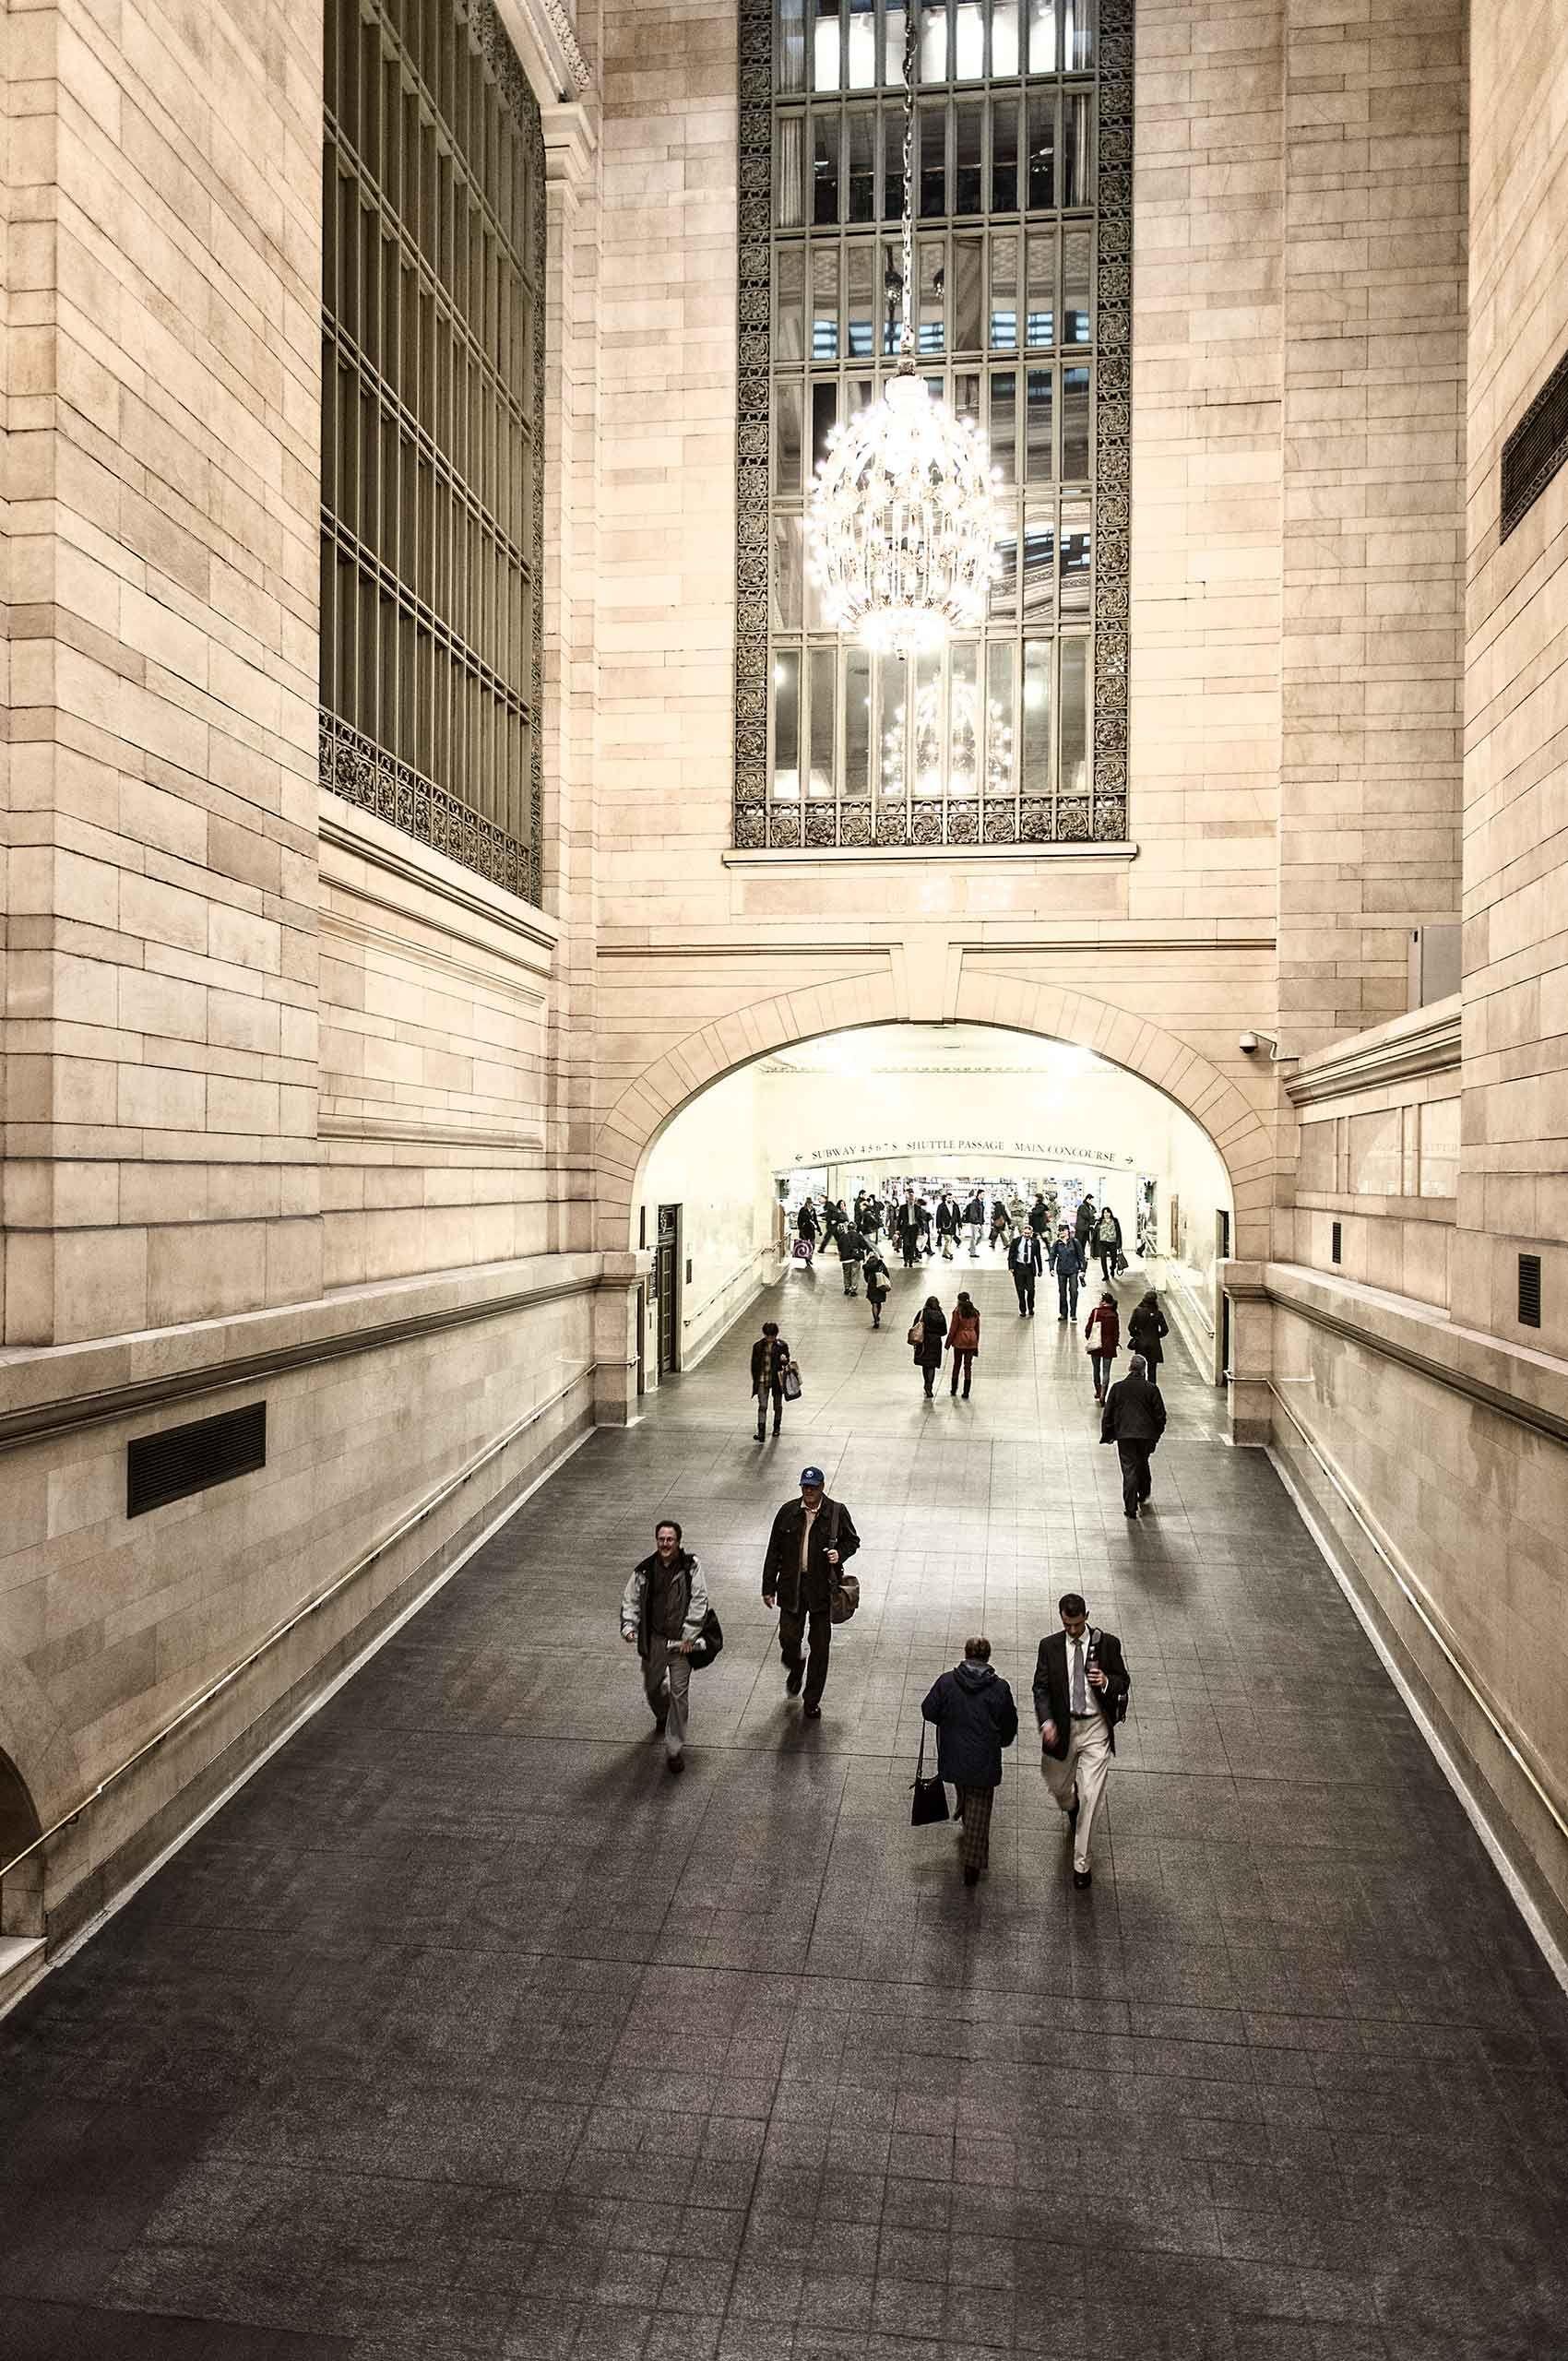 grandcentralterminal-commuters-by-HenrikOlundPhotography.jpg